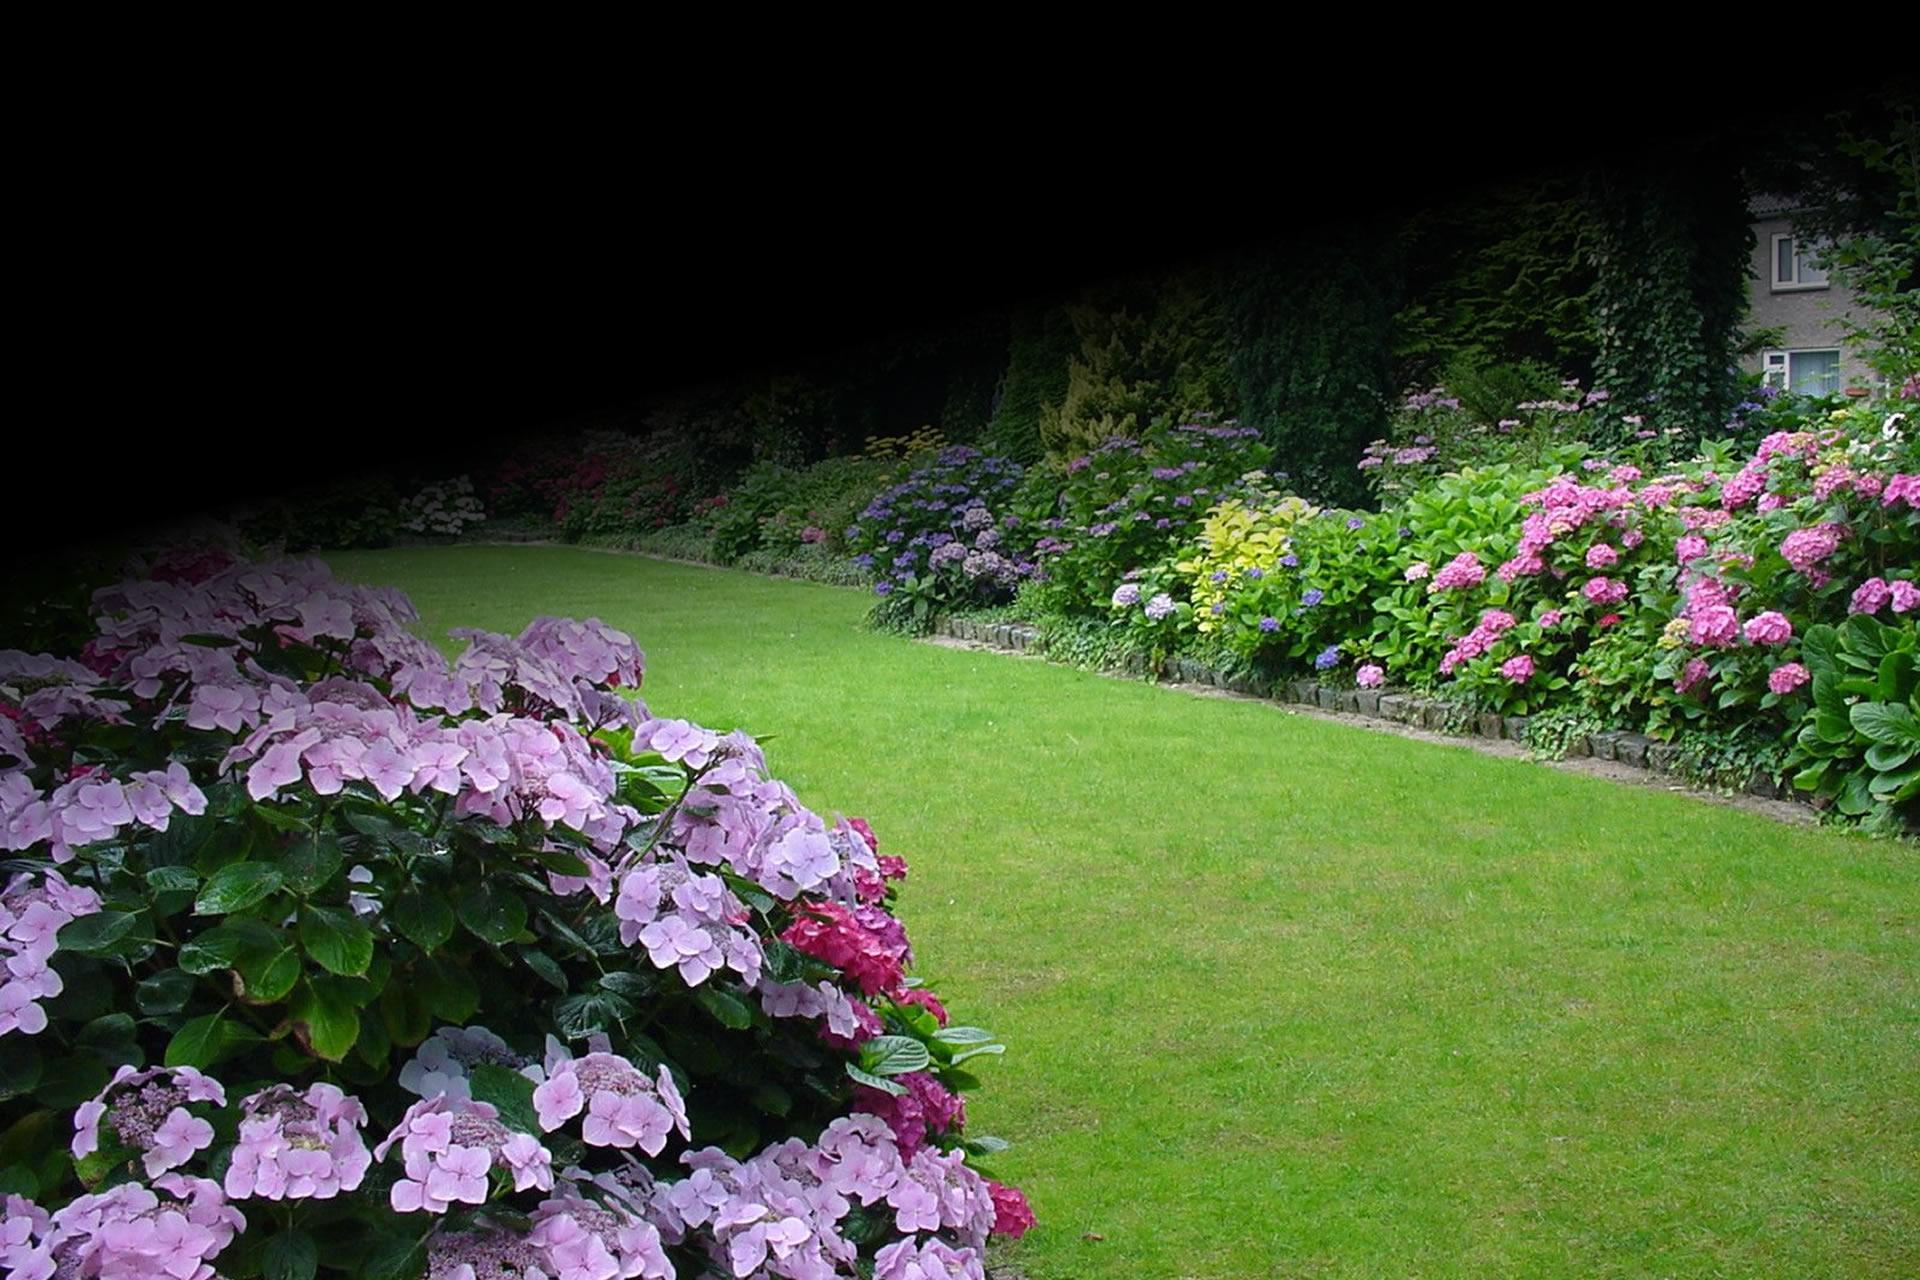 http://www.homesweethomelandscaping.com/sites/default/files/revslider/image/slide-01-Landscape-Construction_1.jpg